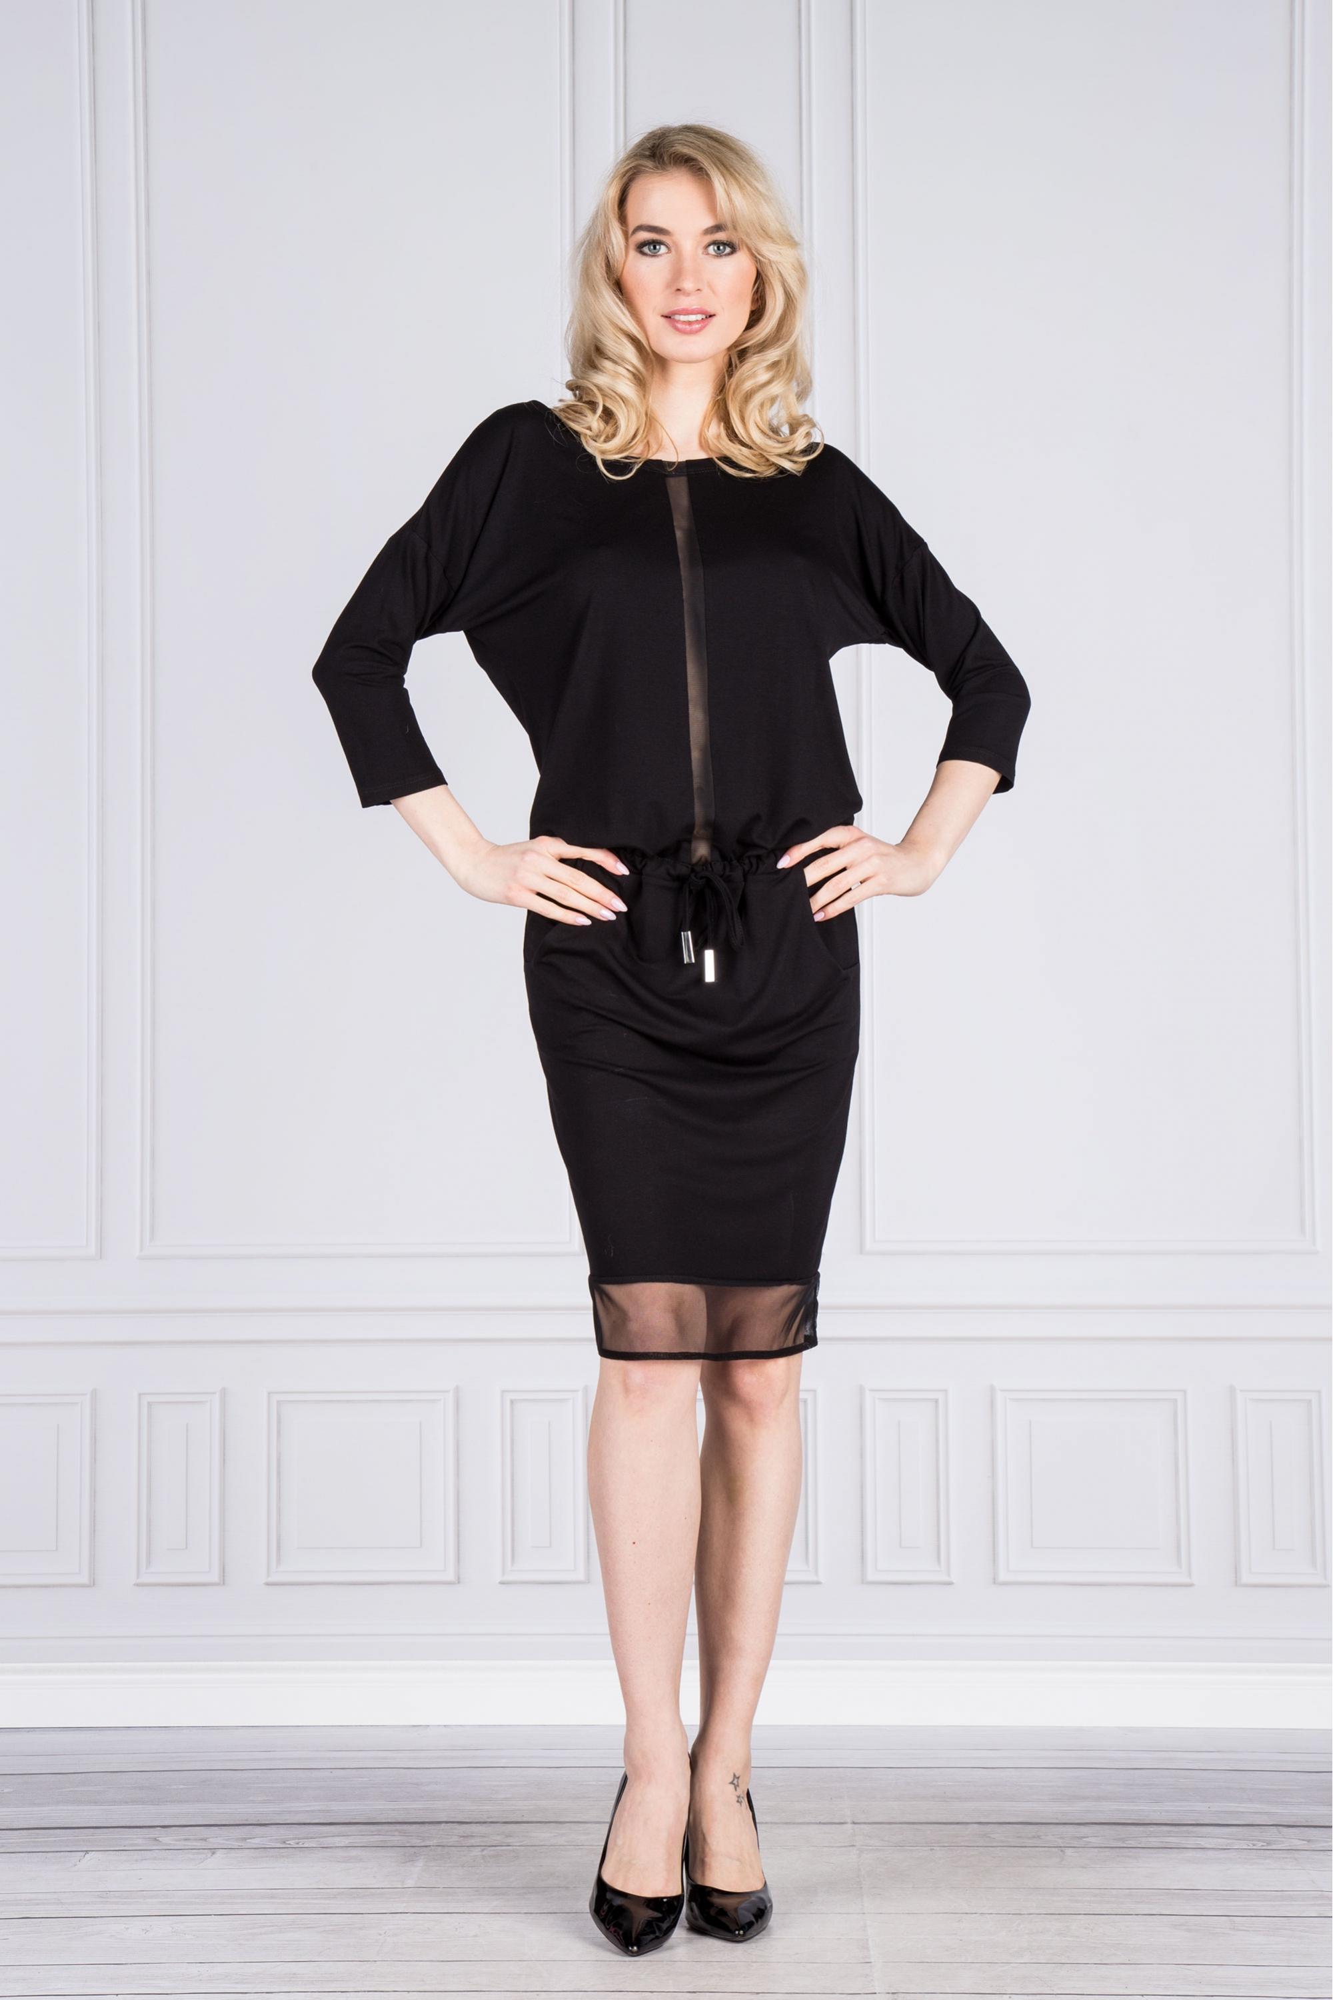 Dámské šaty M45233 - BERGAMO Barva: černá, Velikost: S